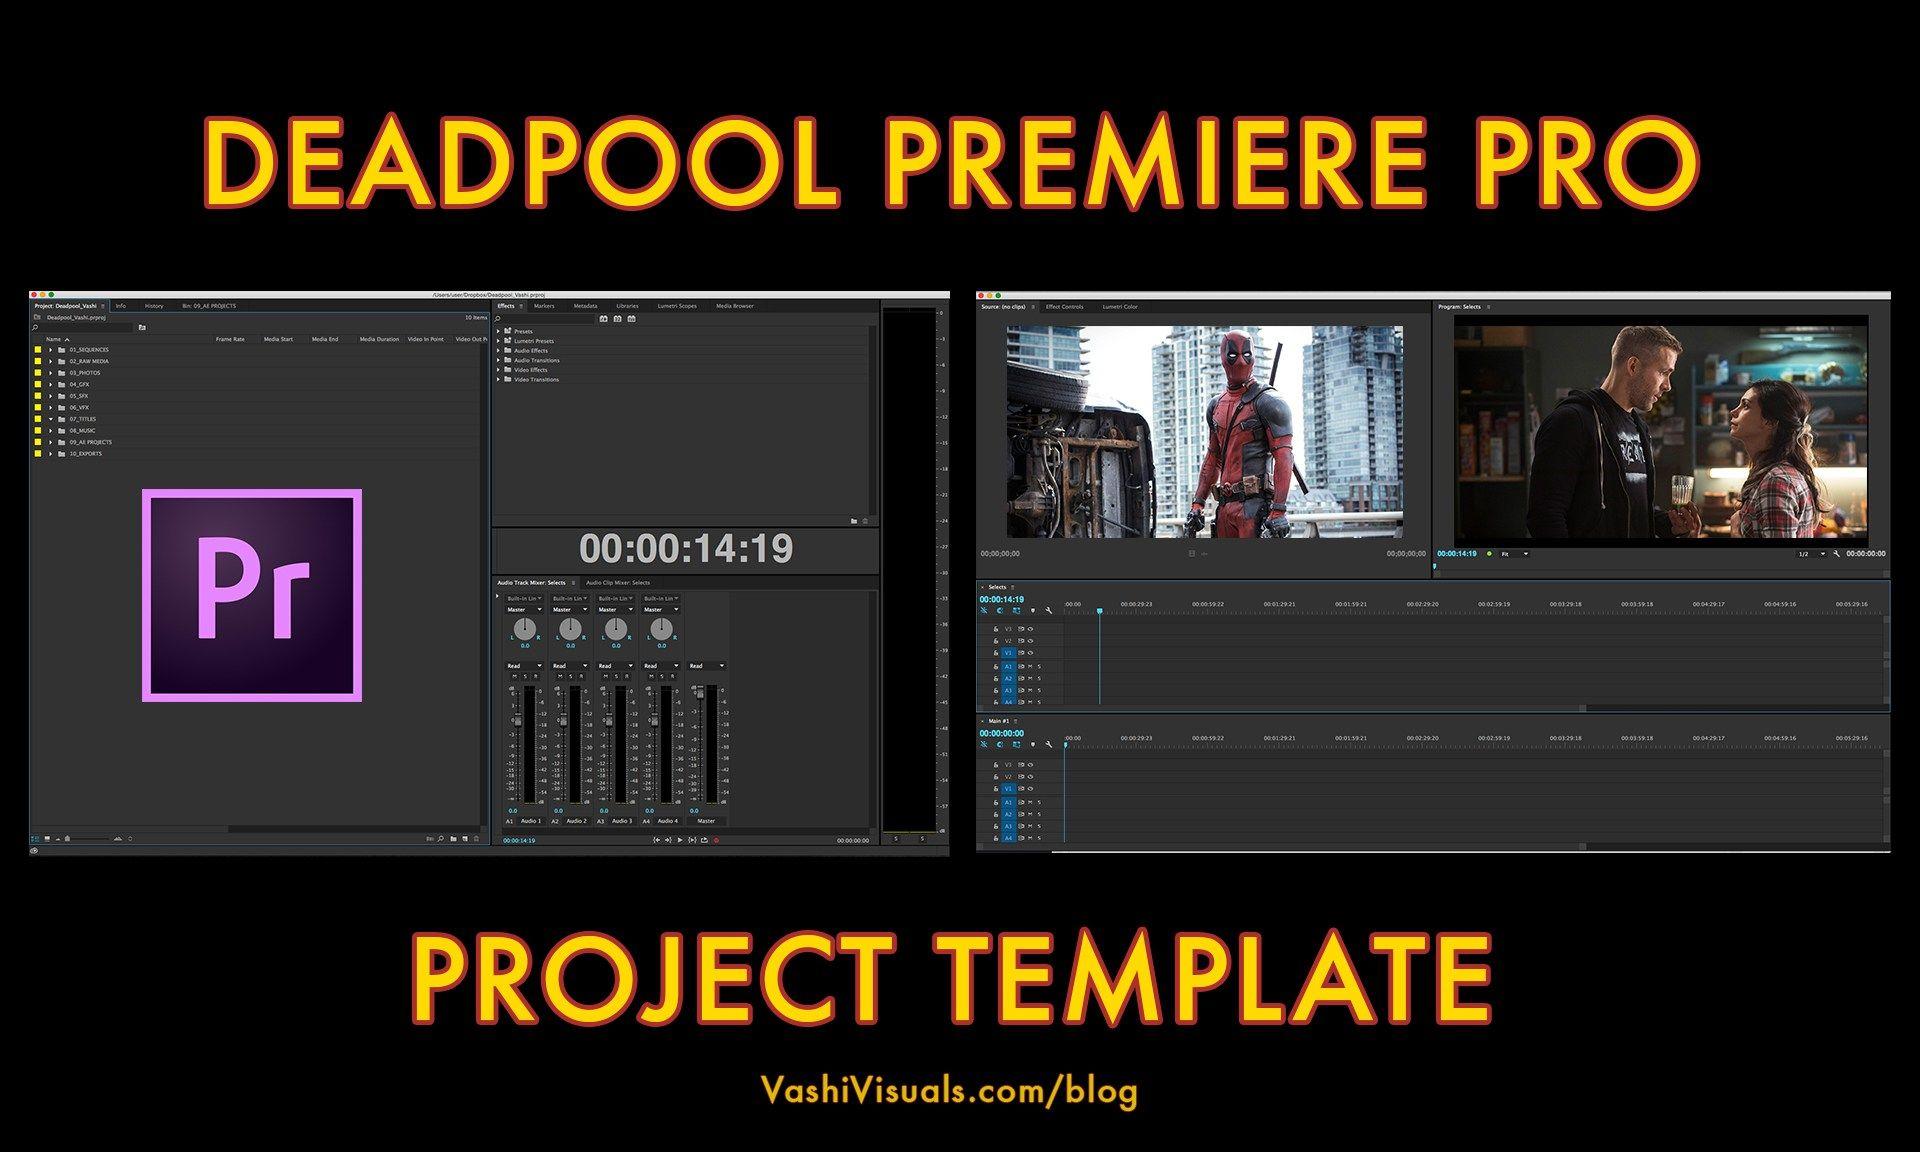 Deadpool Premiere Pro Project Template Premiere Pro Premiere Deadpool